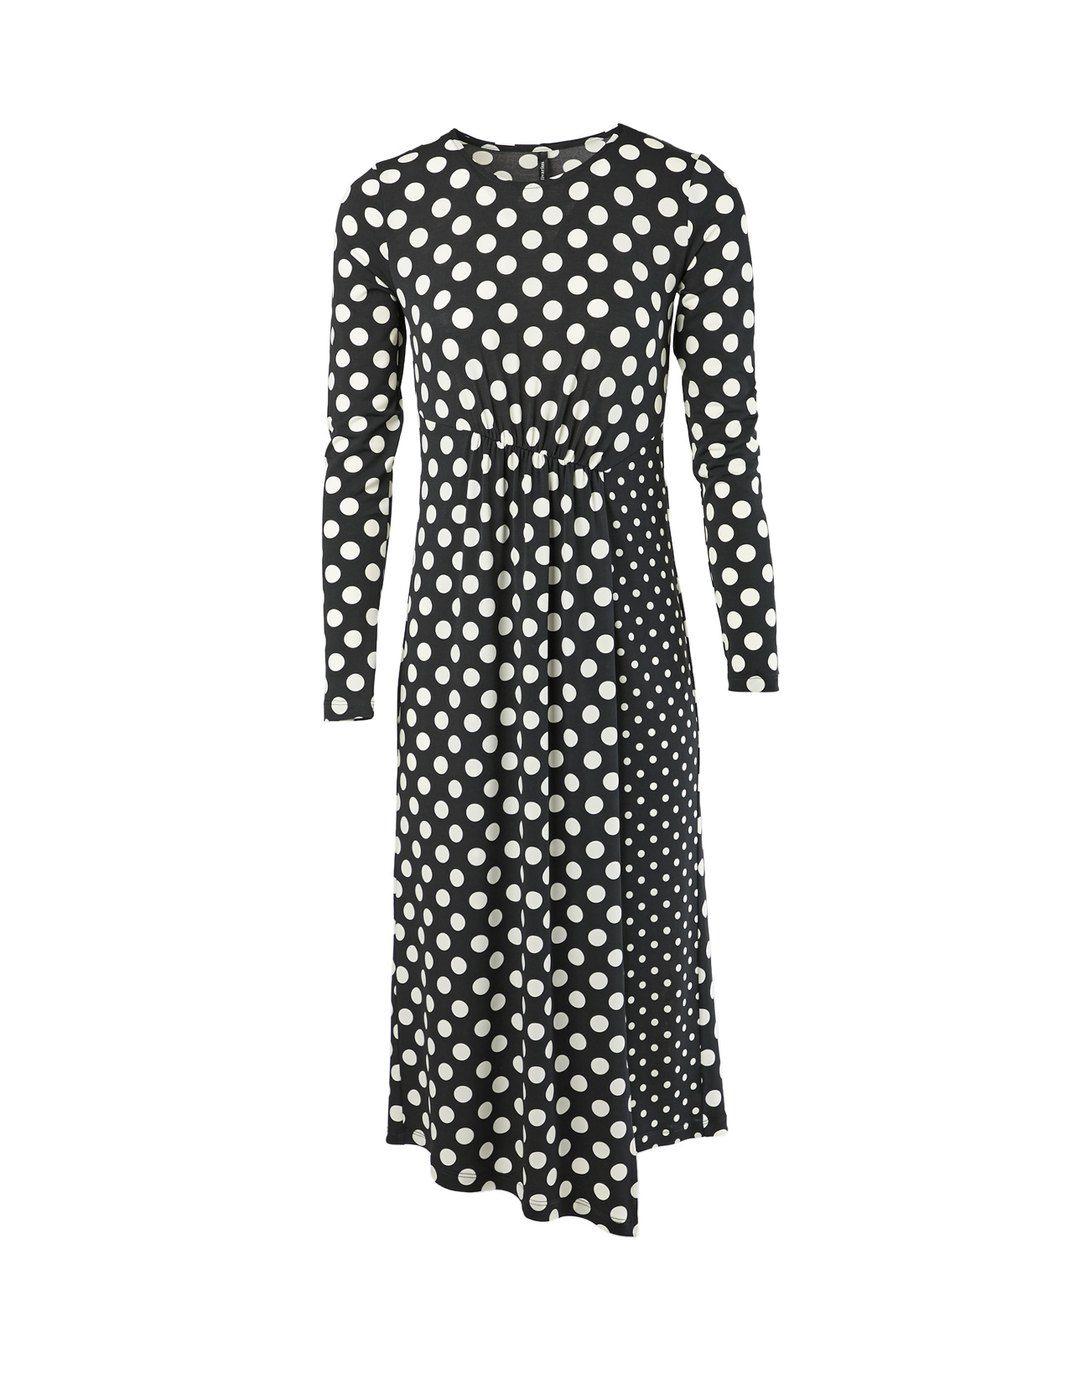 Vestido punto topos combinados - Vestidos  4cf03648e7be